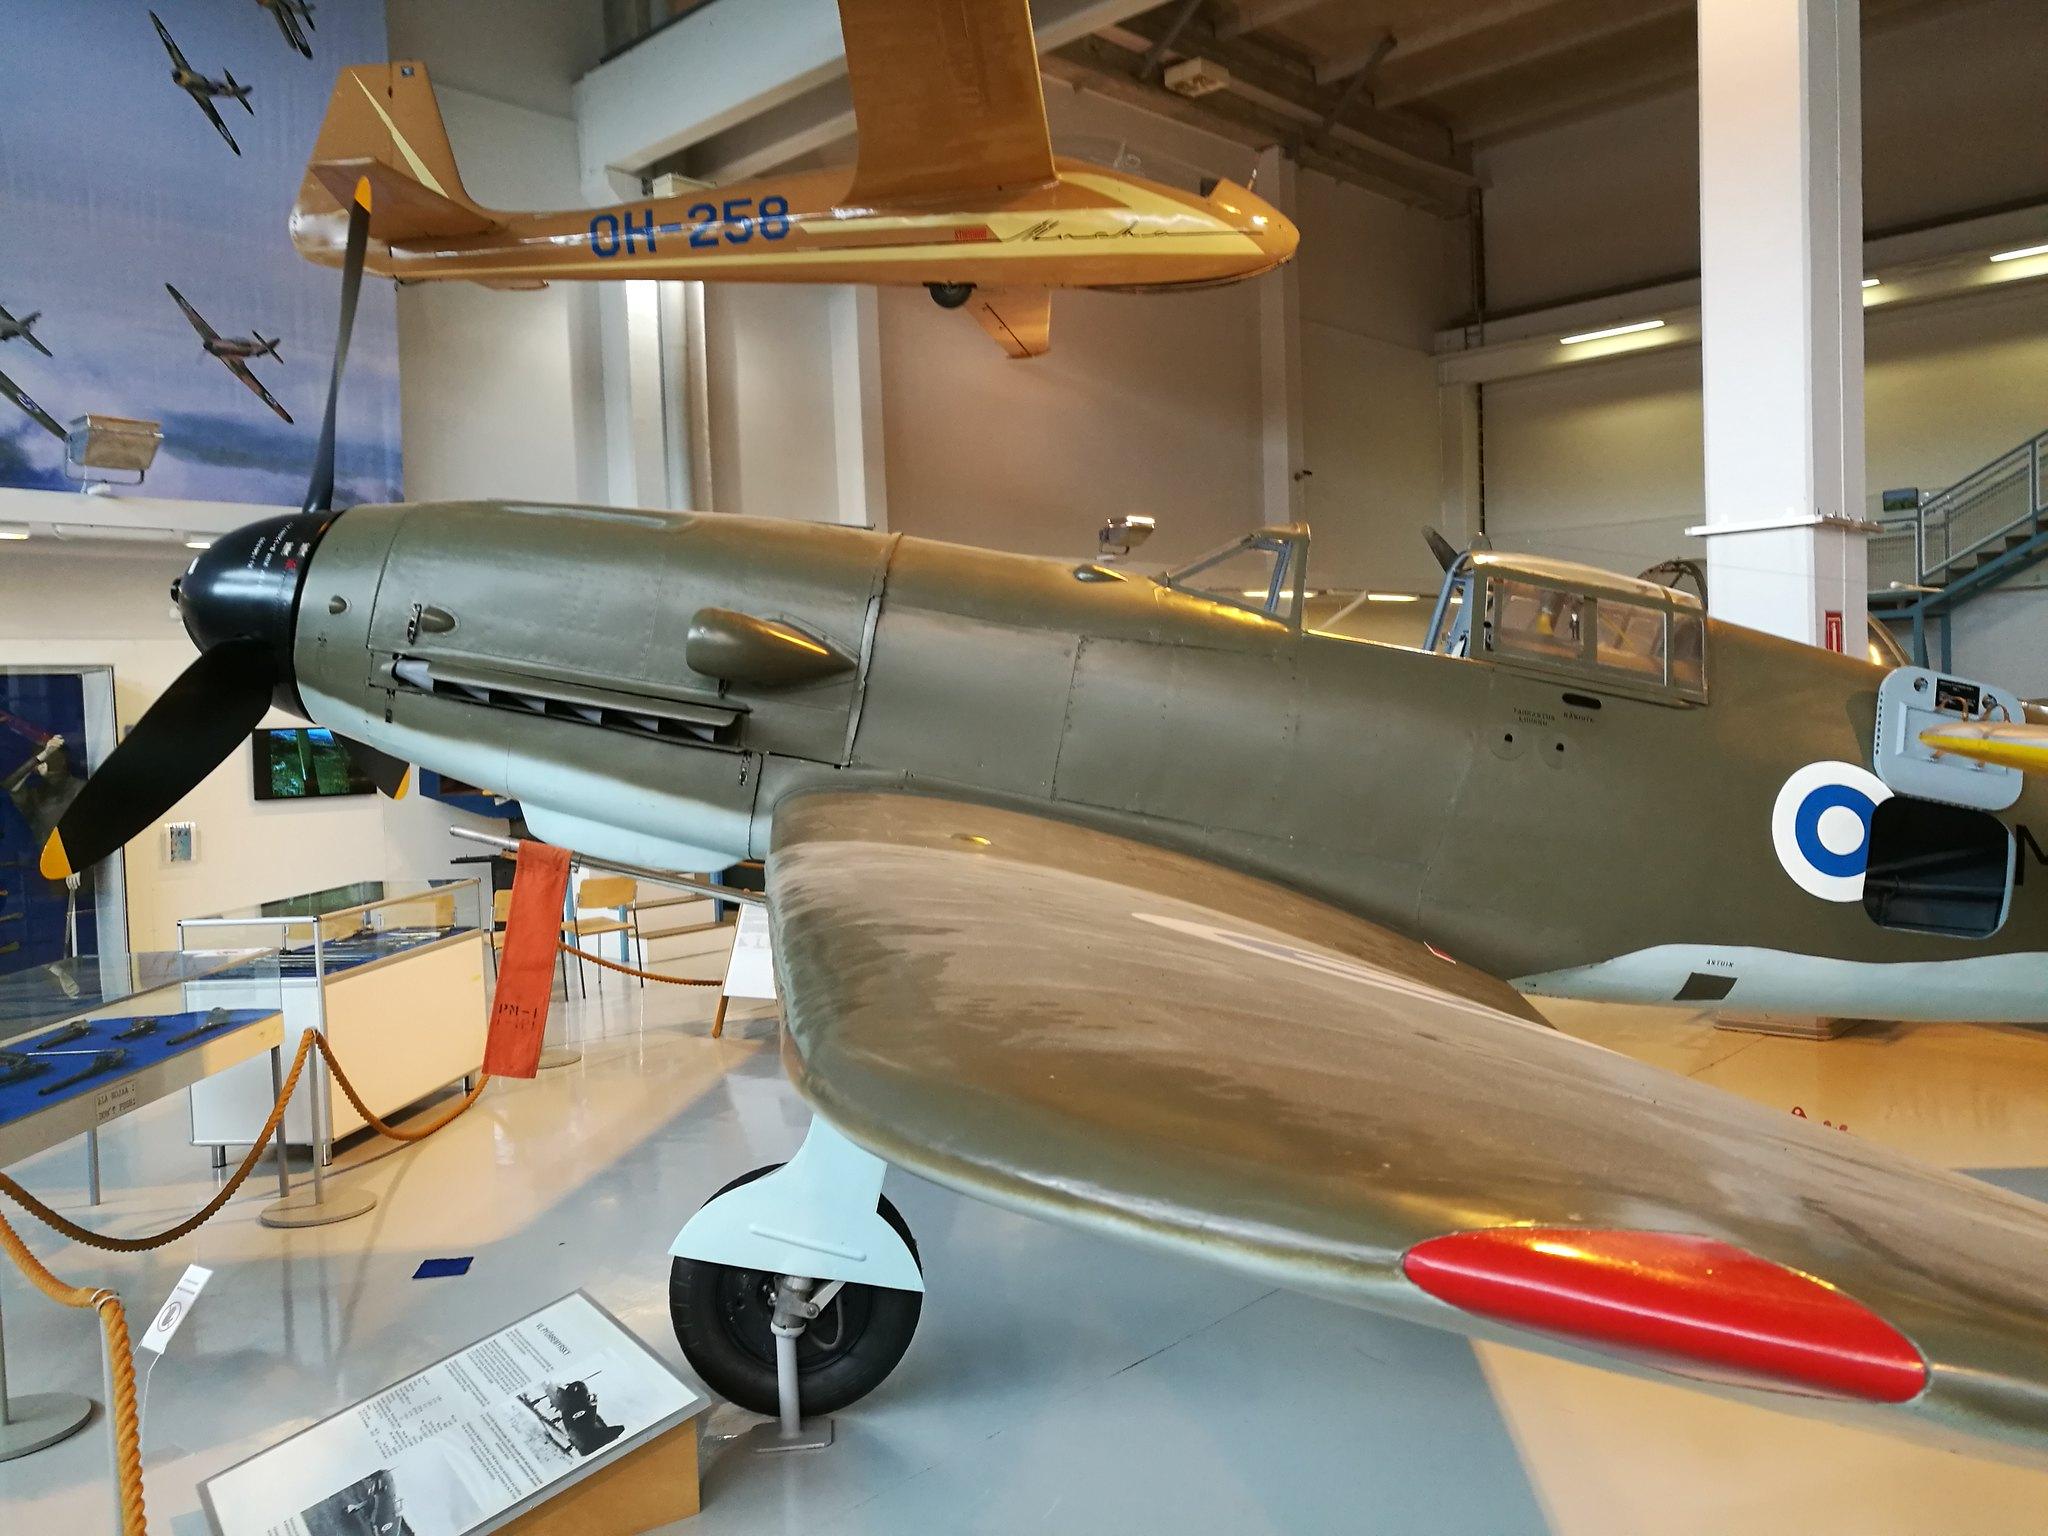 Hemkommen från semester i Finland med utflykt till Finlands Flygvapenmuseum. 48293060602_d5249a980c_k